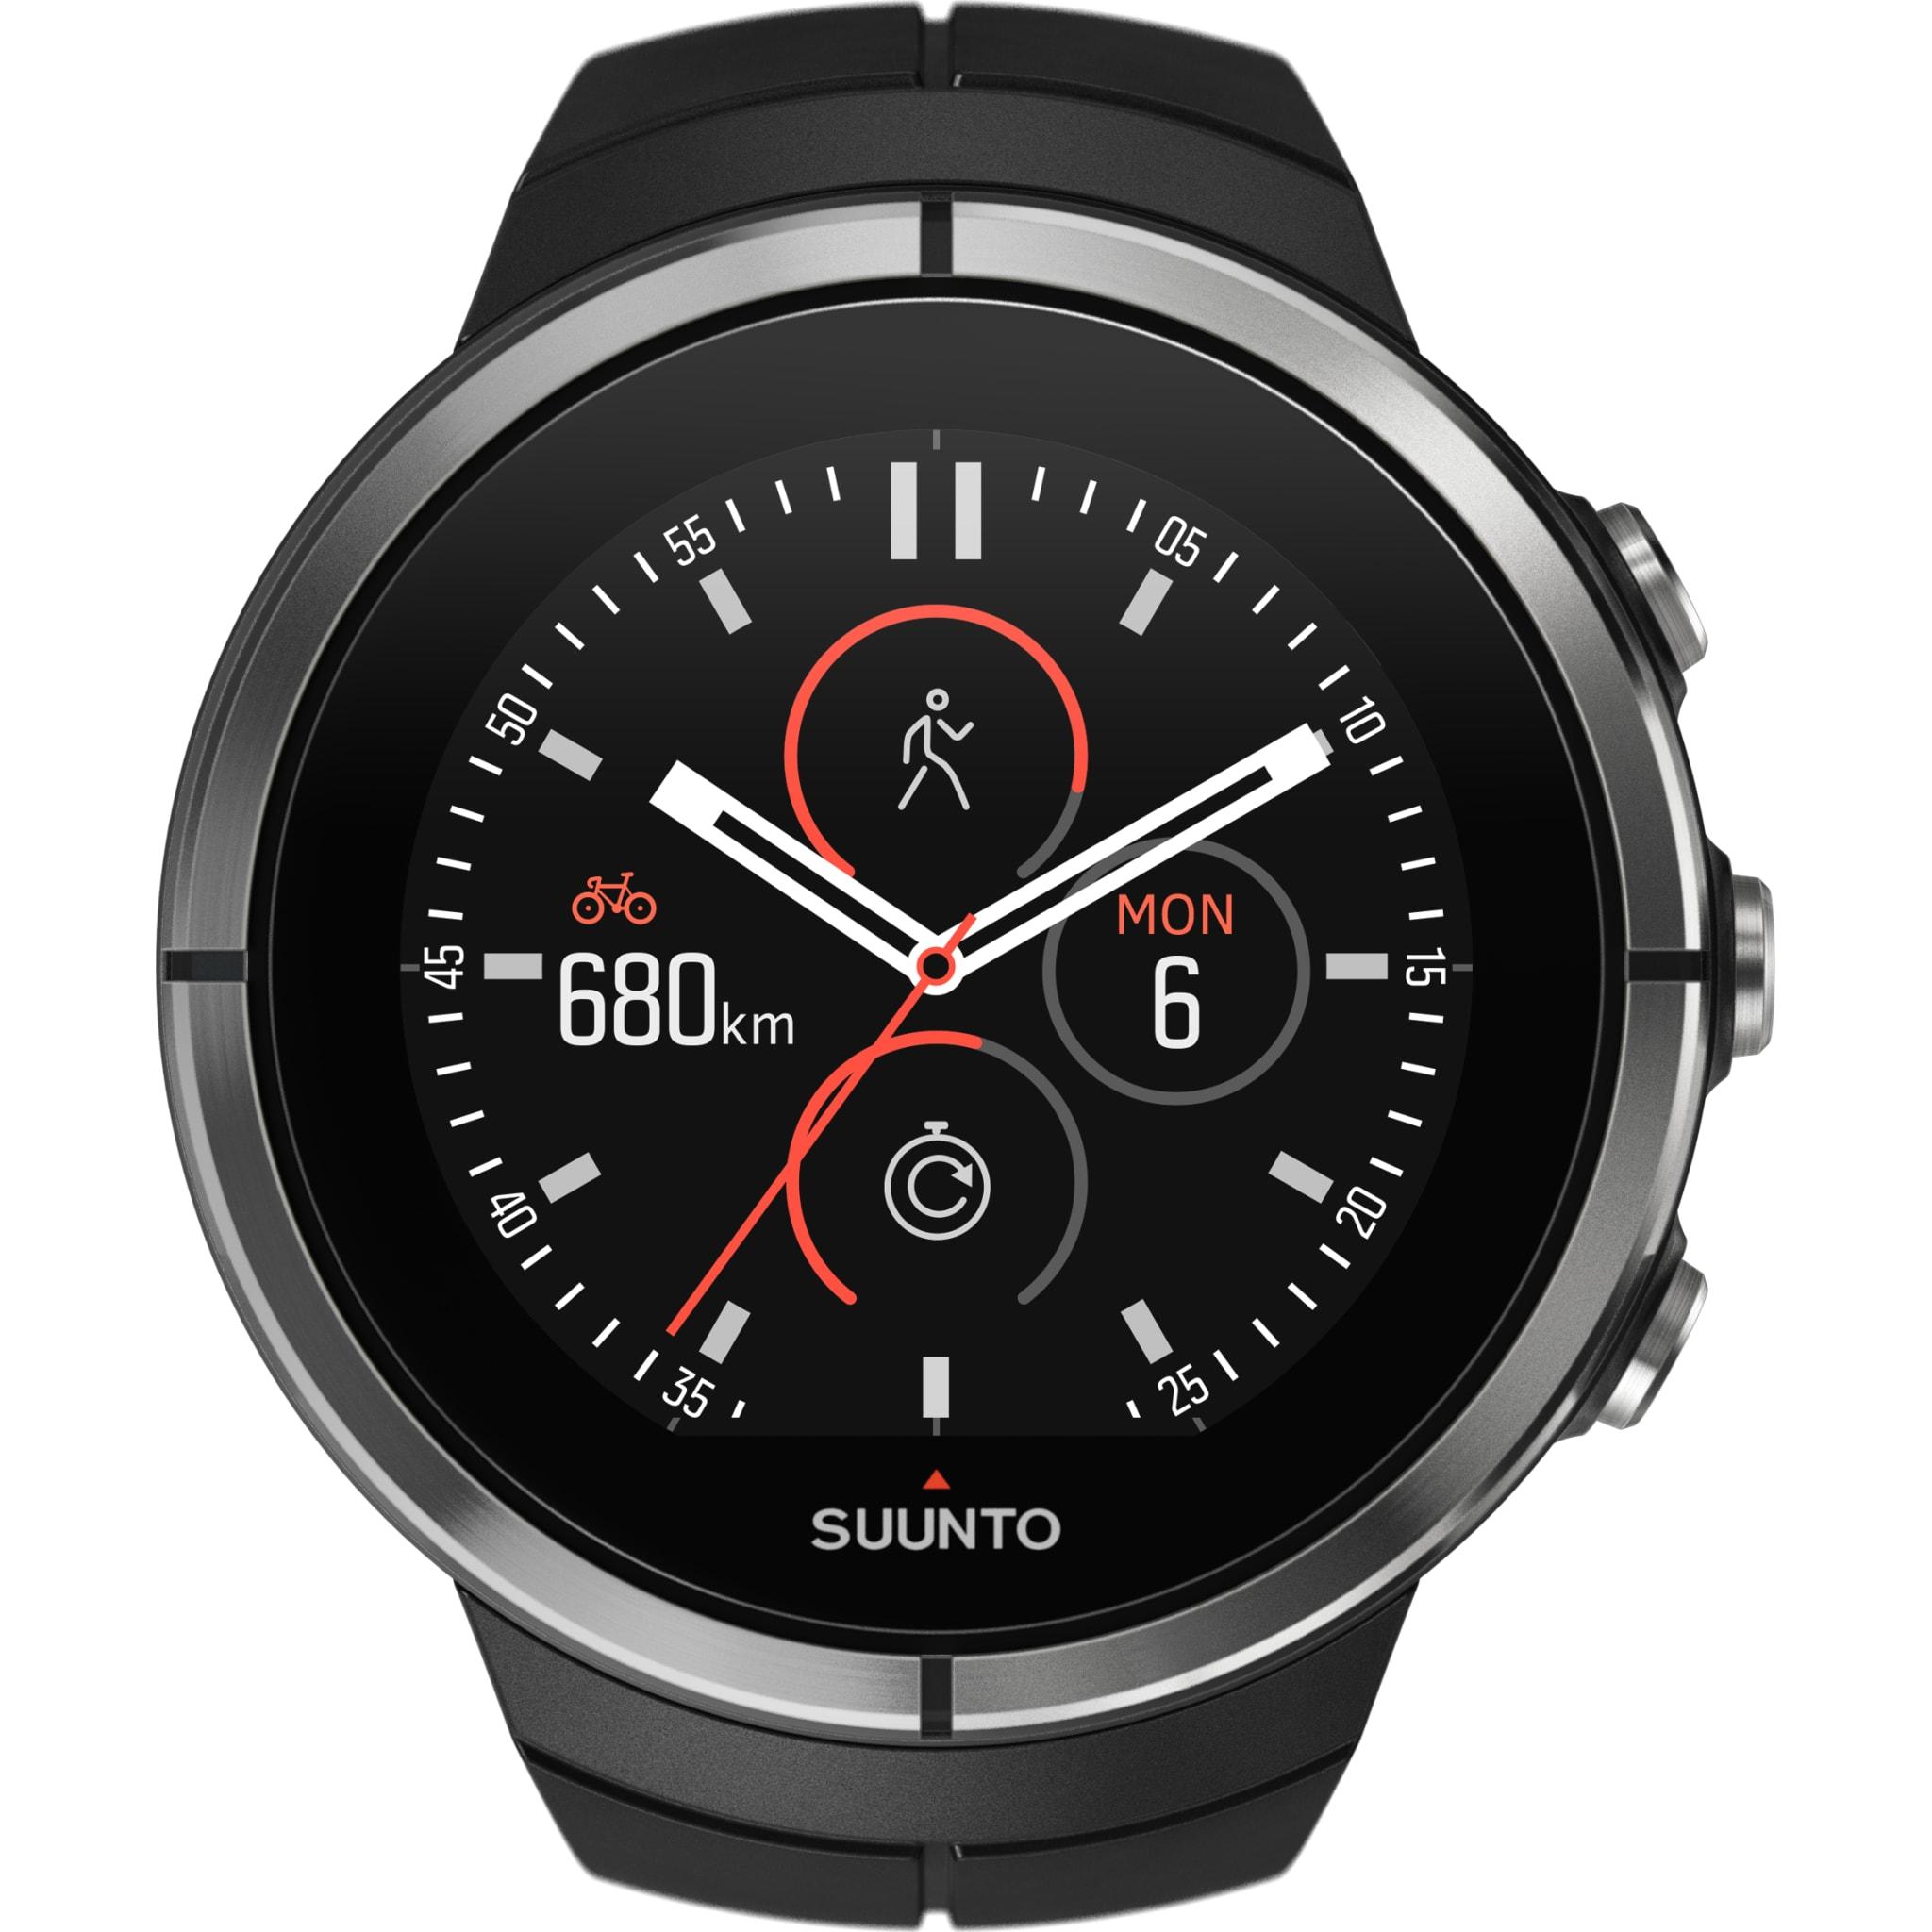 Neste generasjon av Suuntos multisportklokker med GPS er er her!